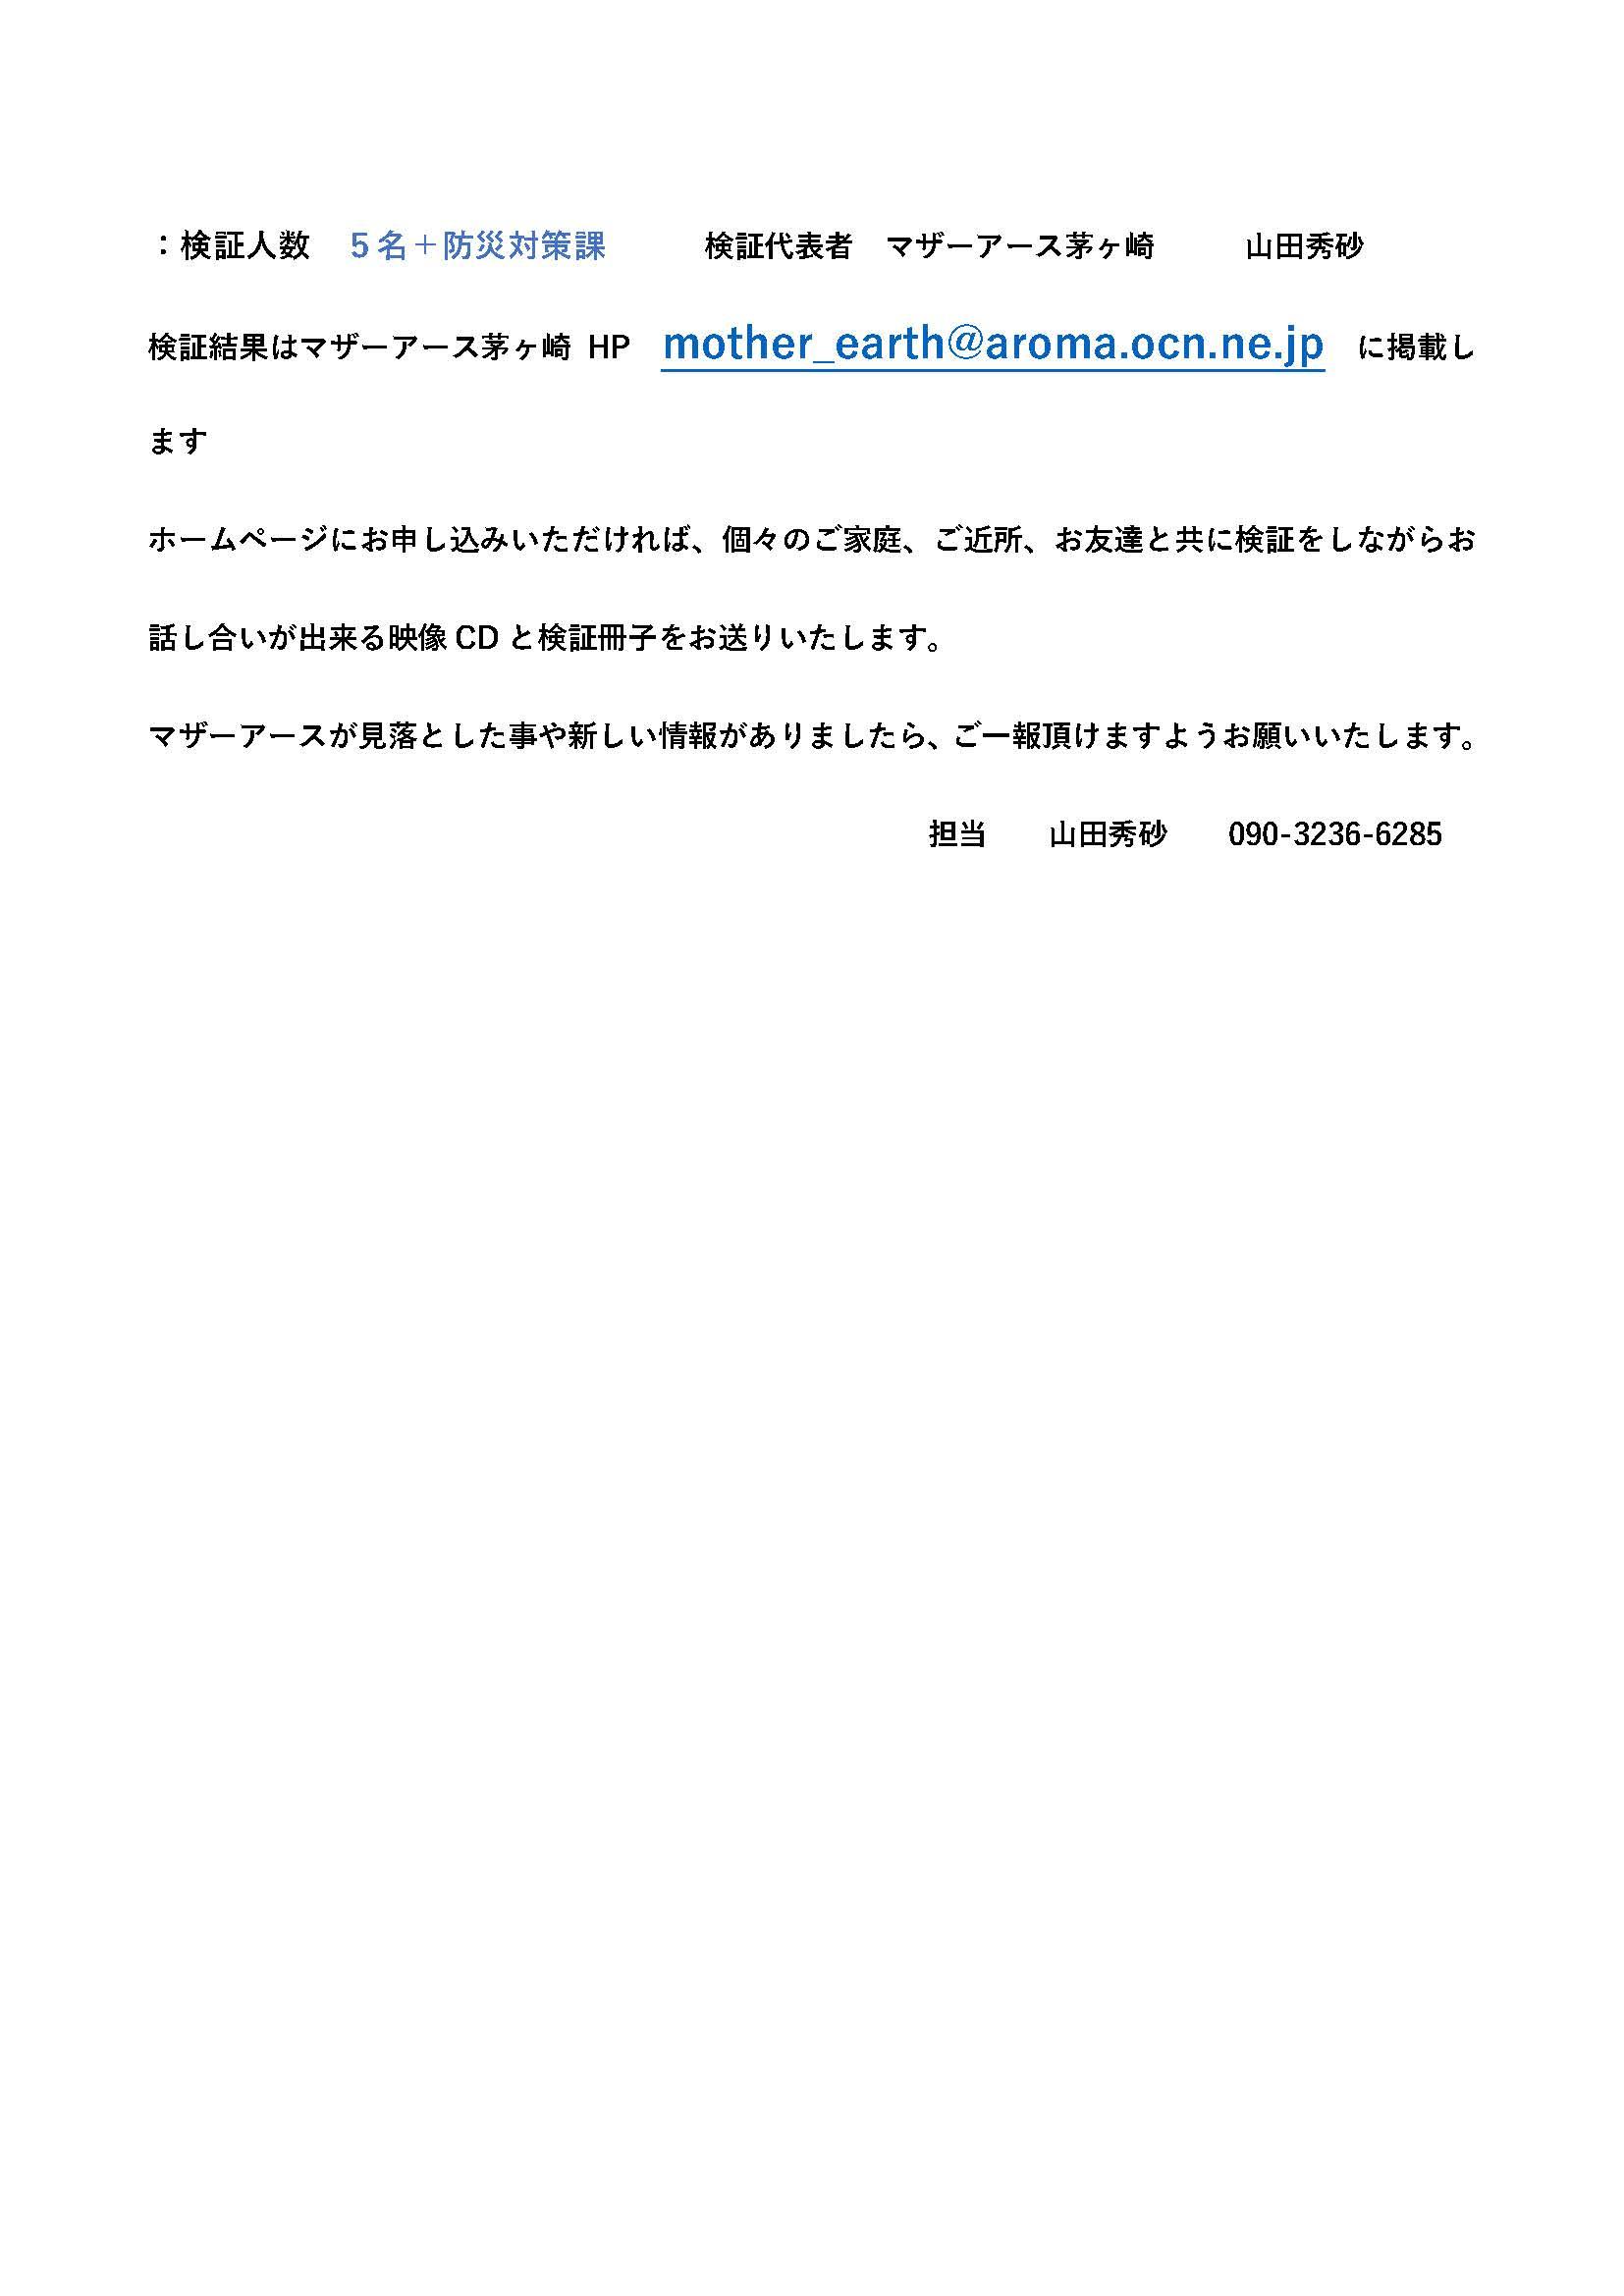 1-1.中央公園ーマザーアース茅ヶ崎広域避難場所チェックシート_ページ_4